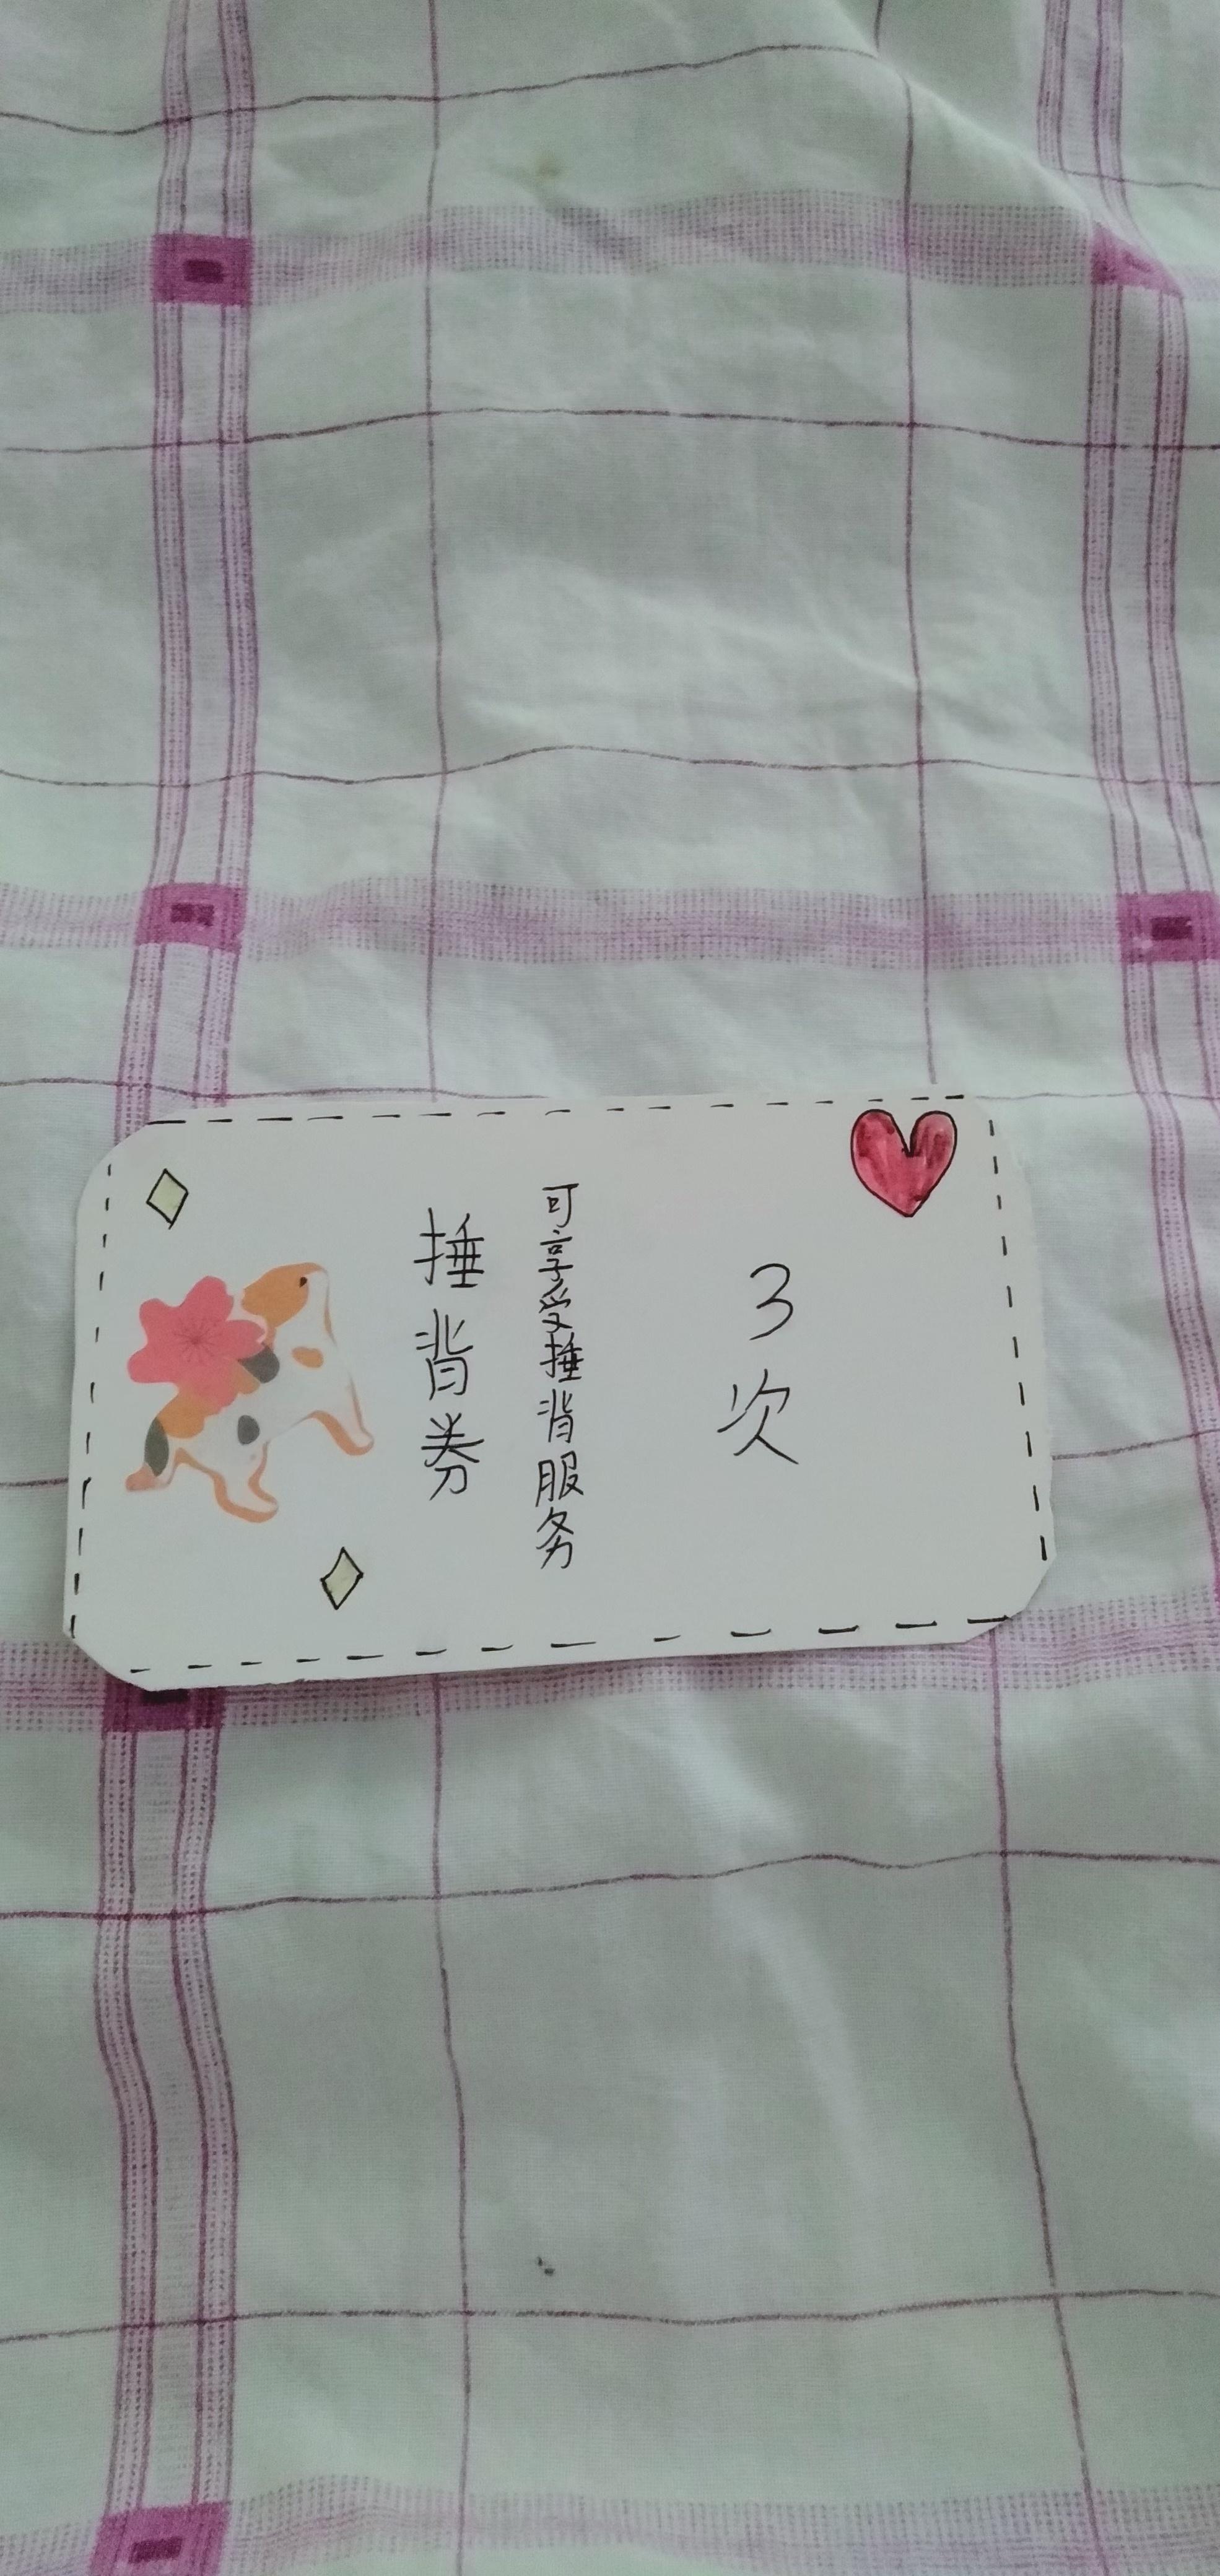 父亲节快乐:这是一个三年级孩子给父亲的节日礼物